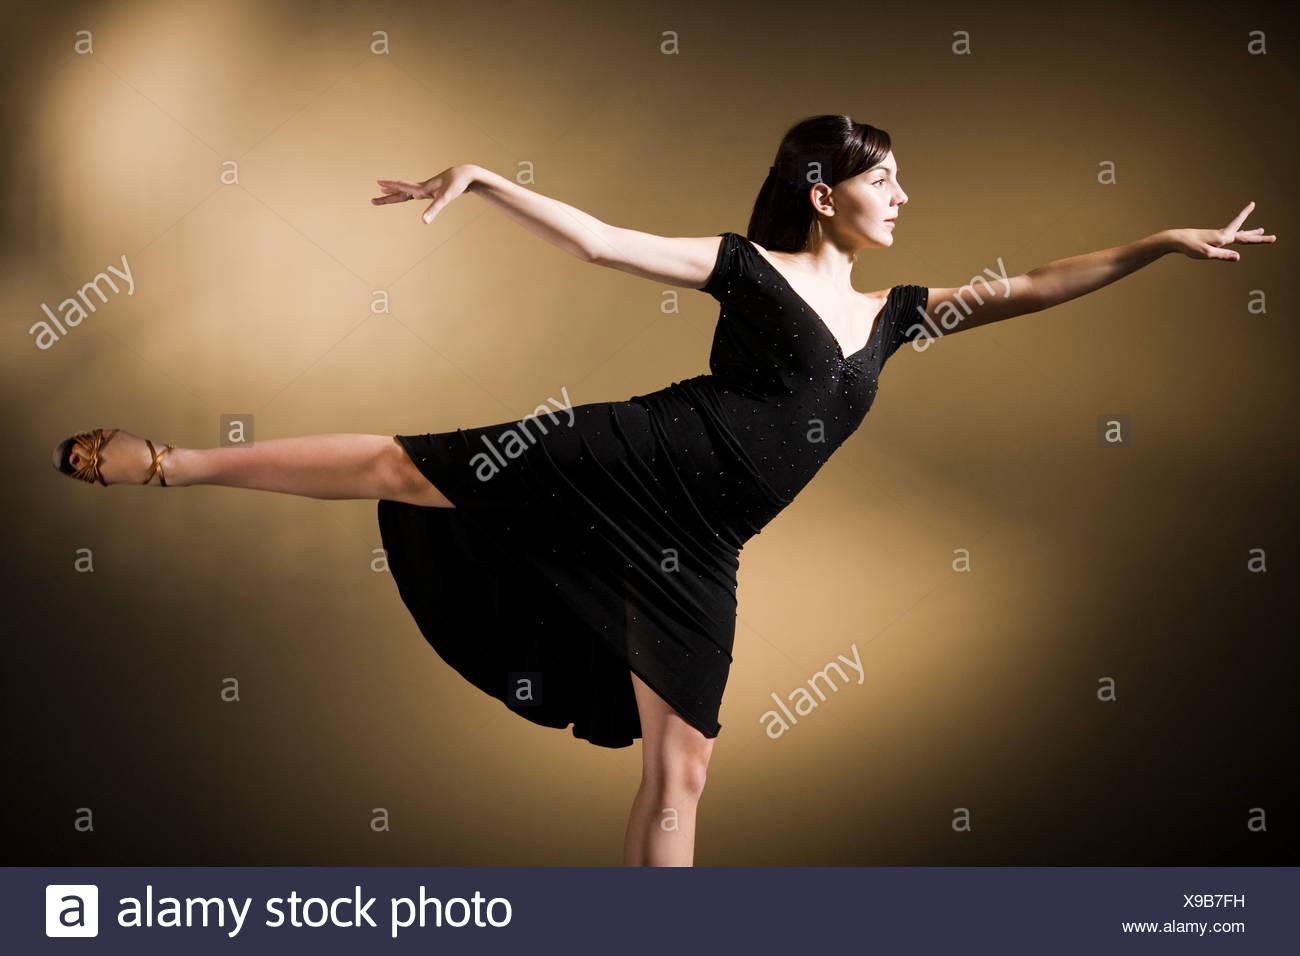 woman dancing - Stock Image